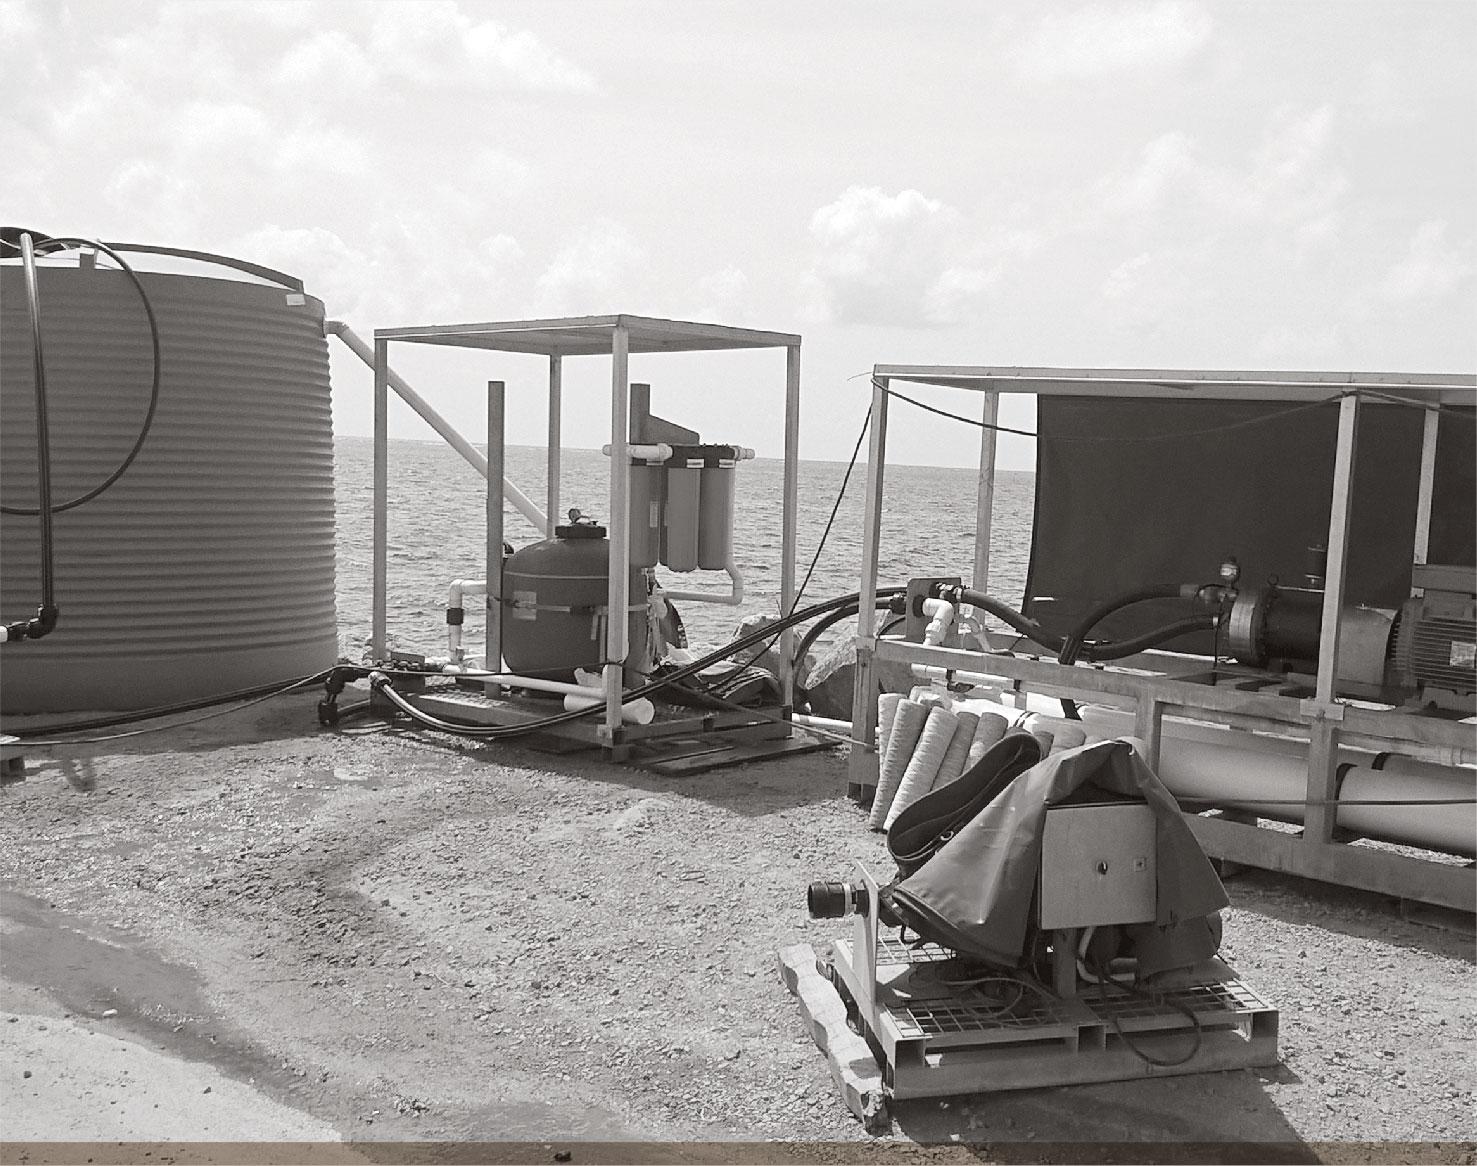 a photograph of MOBILE DESALINATION UNIT.